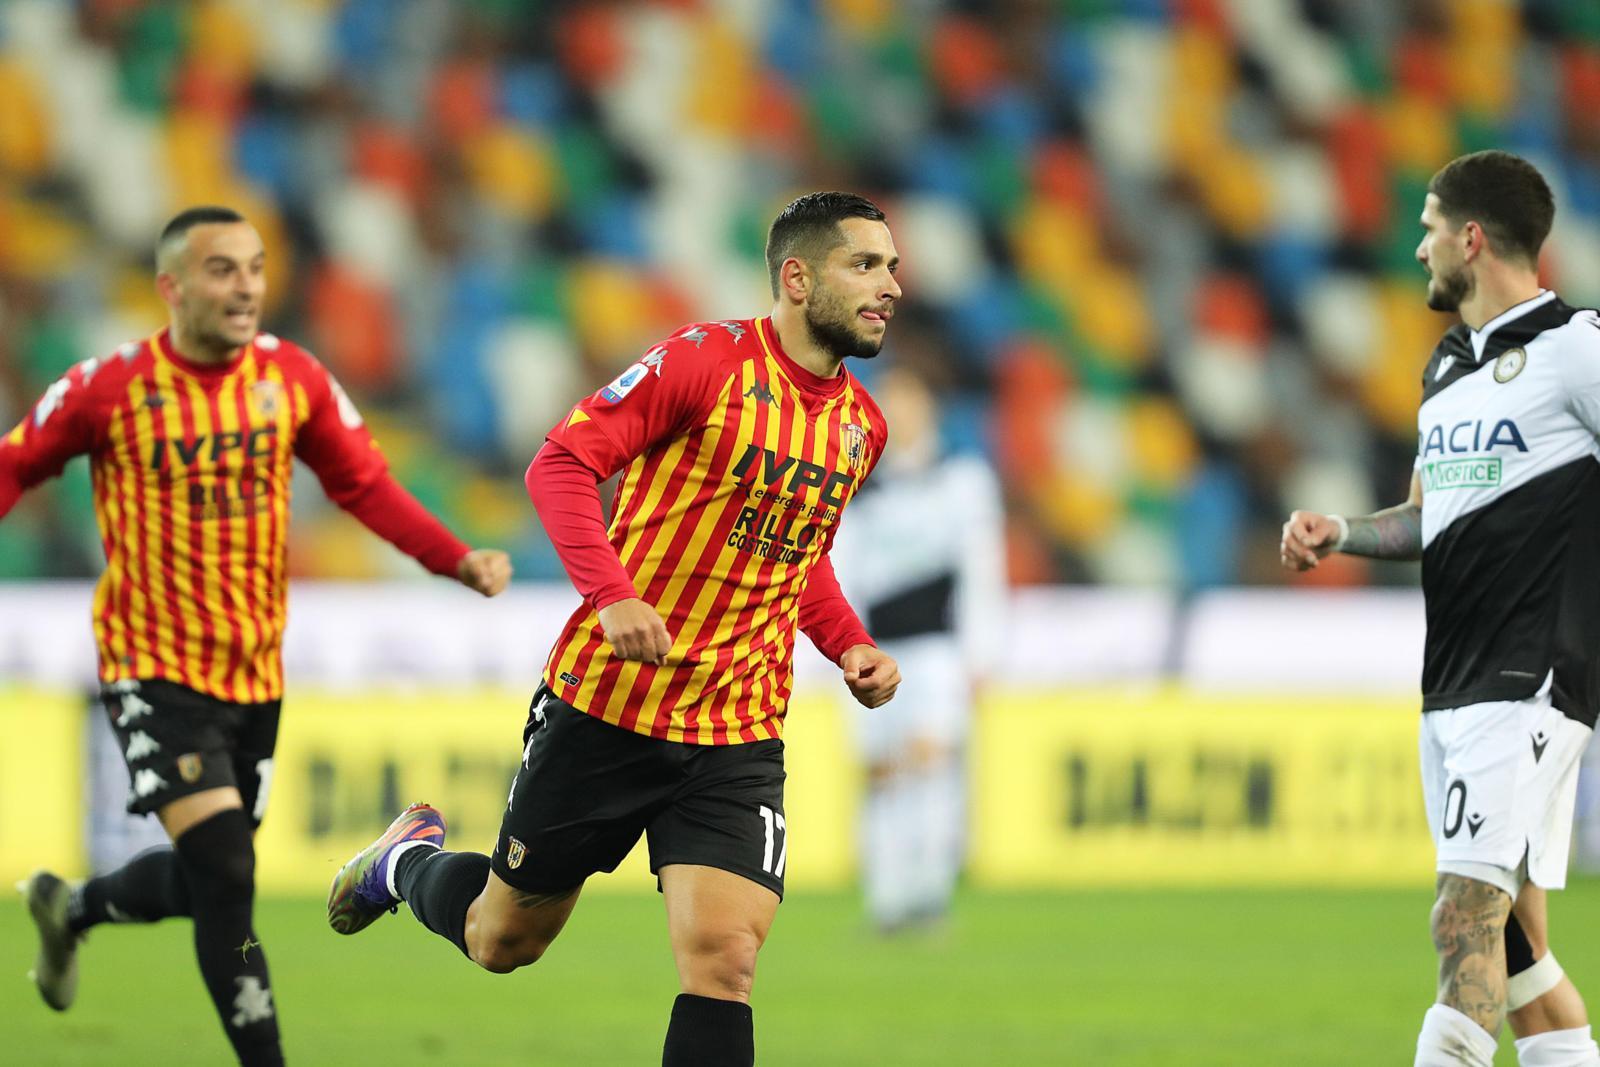 Il Benevento vola con Caprari e Letizia: 2-0 all'Udinese